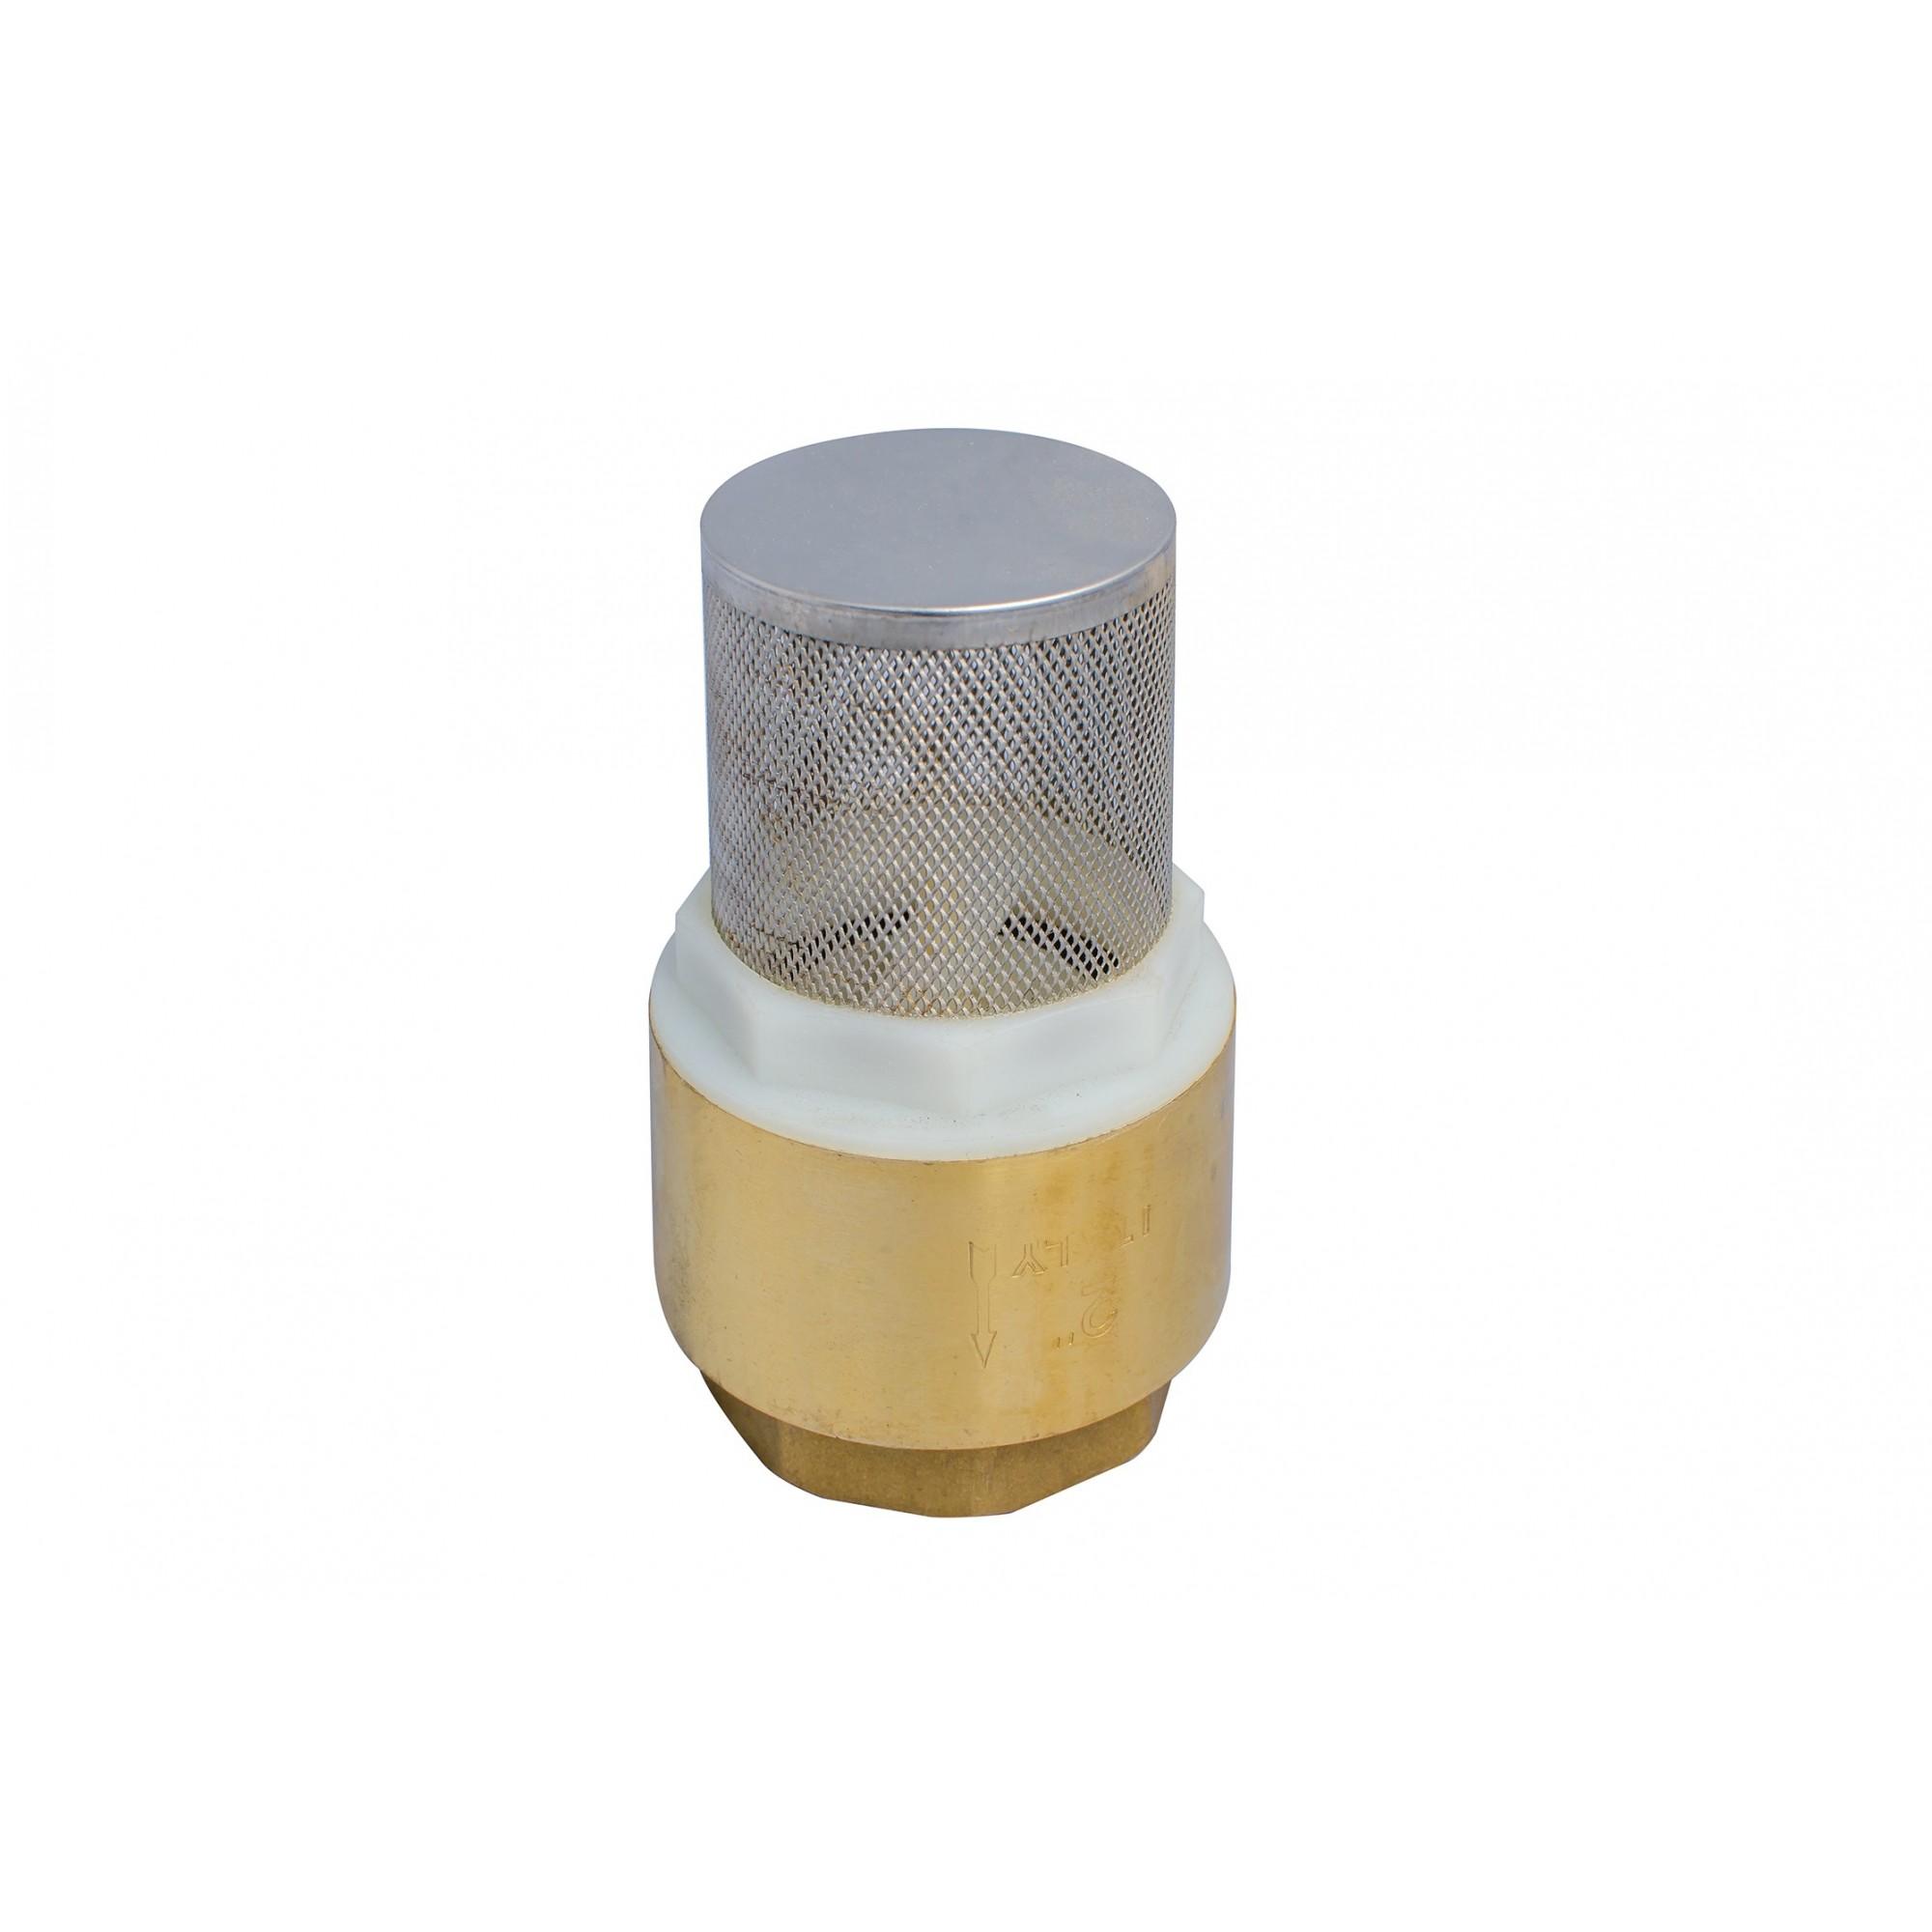 Обратный клапан 1/2 с сеткой пластиковый шток J.G. J.G. - 1